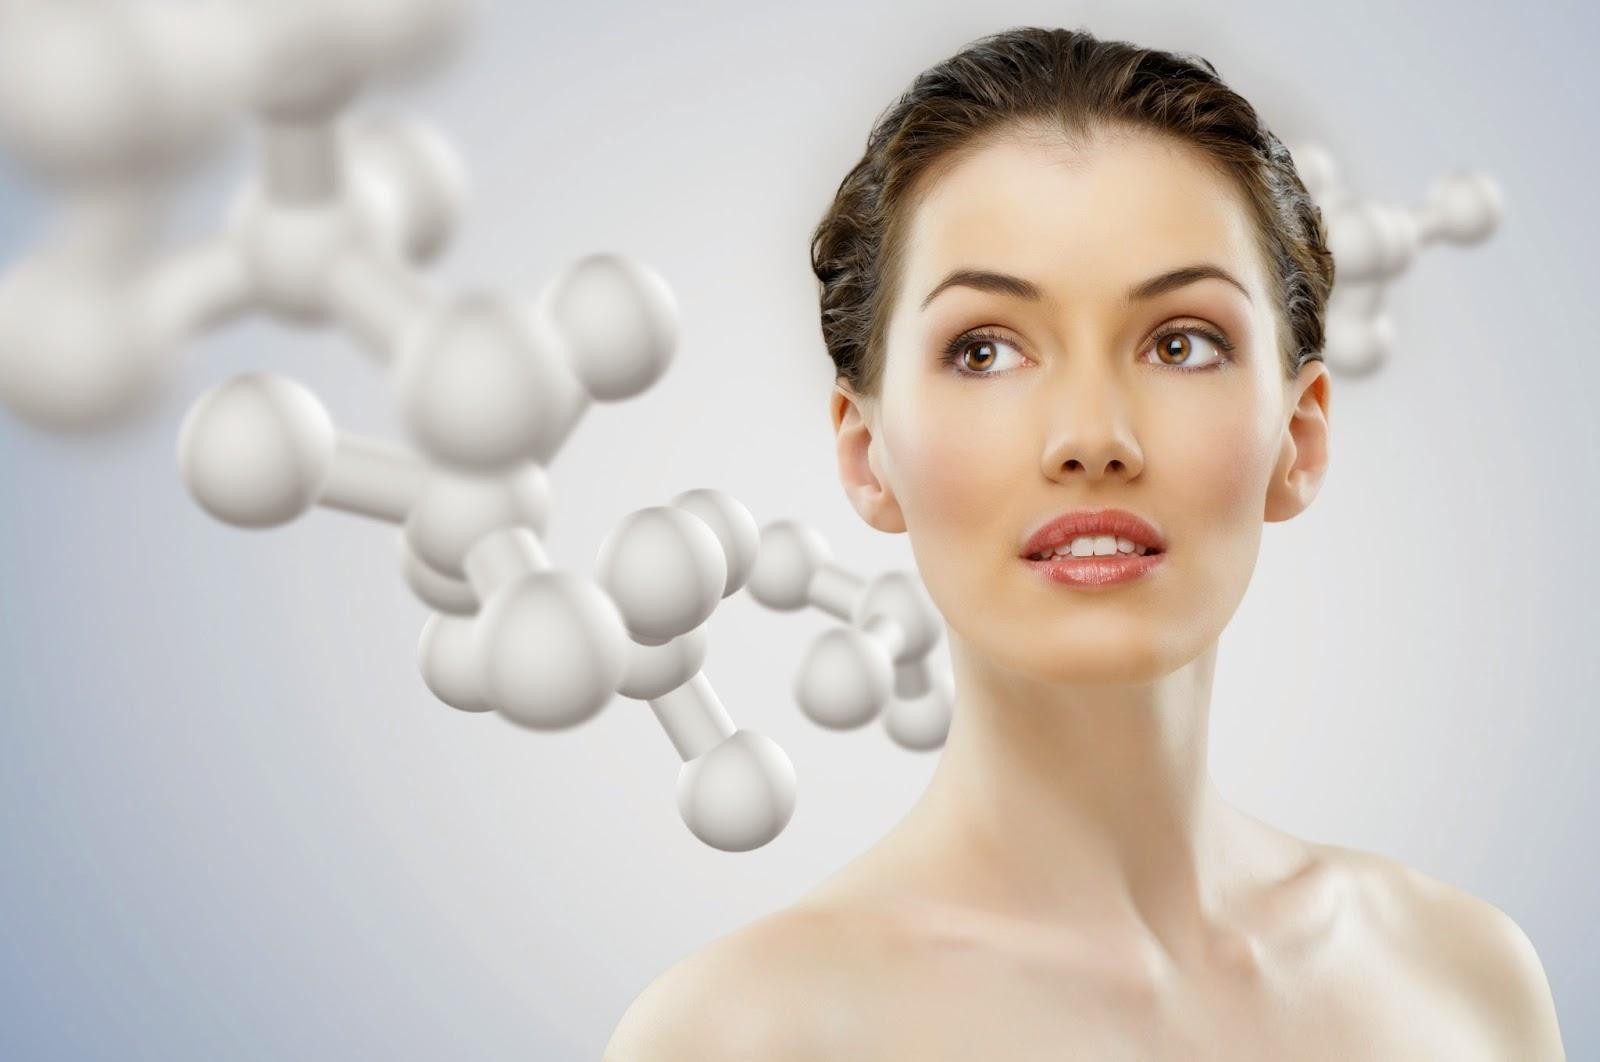 Uống collagen có nóng không